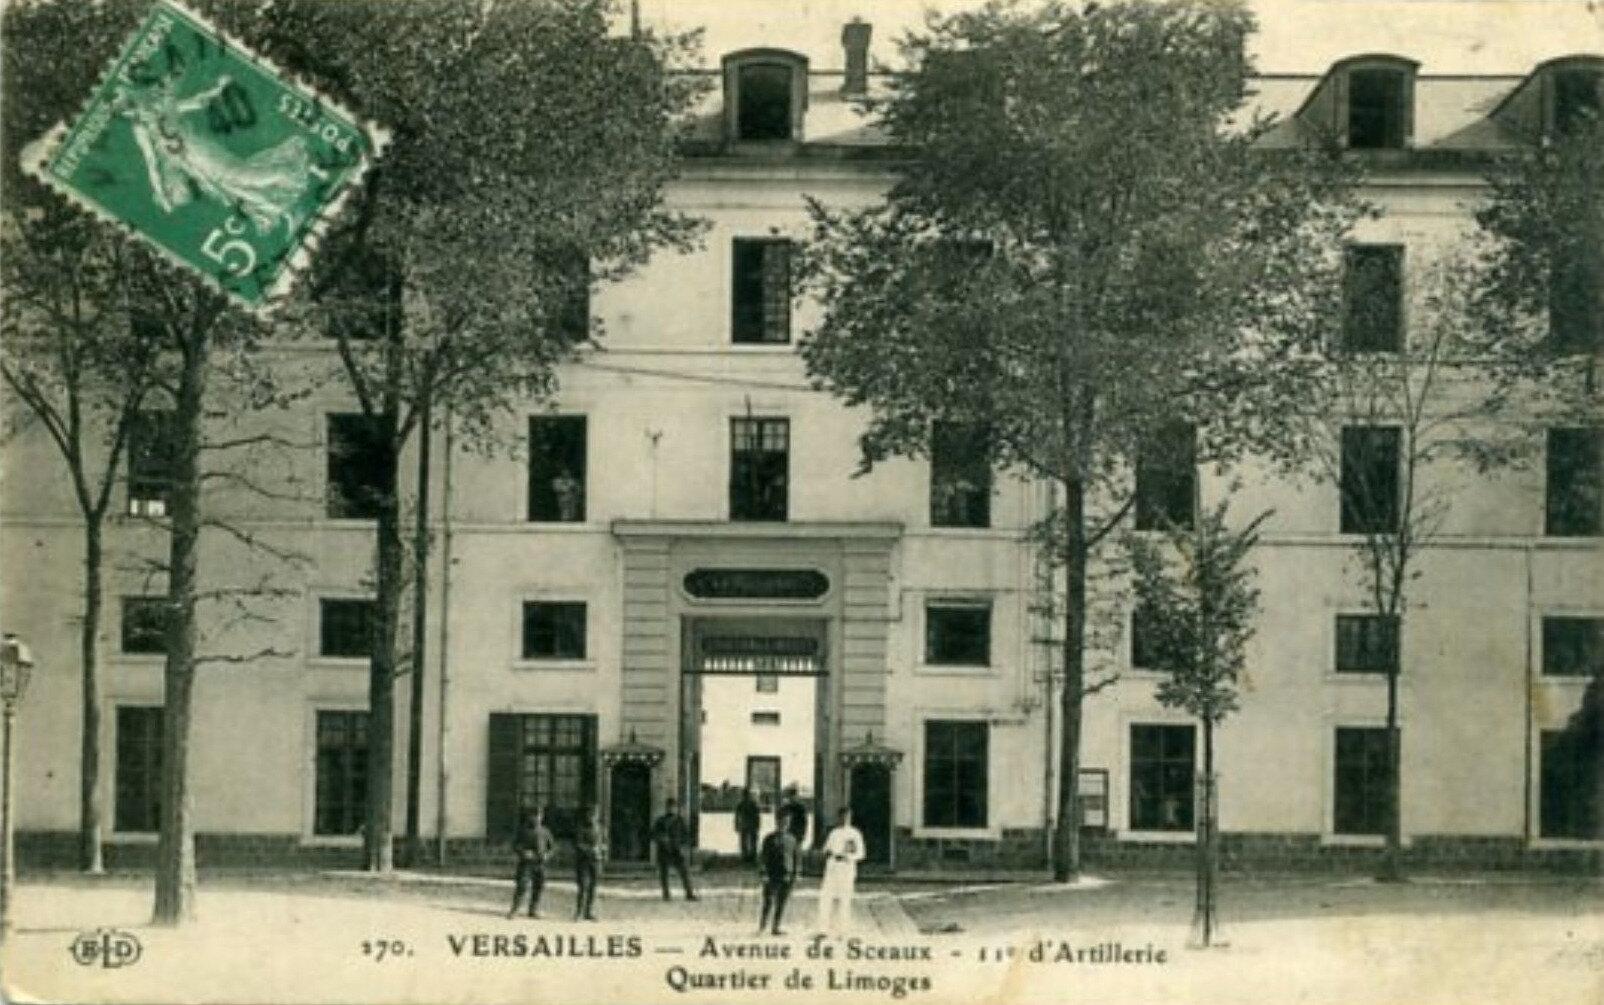 Versailles, Quartier de Limoges, avenue de Sceaux, caserne du 11e régiment d'artillerie